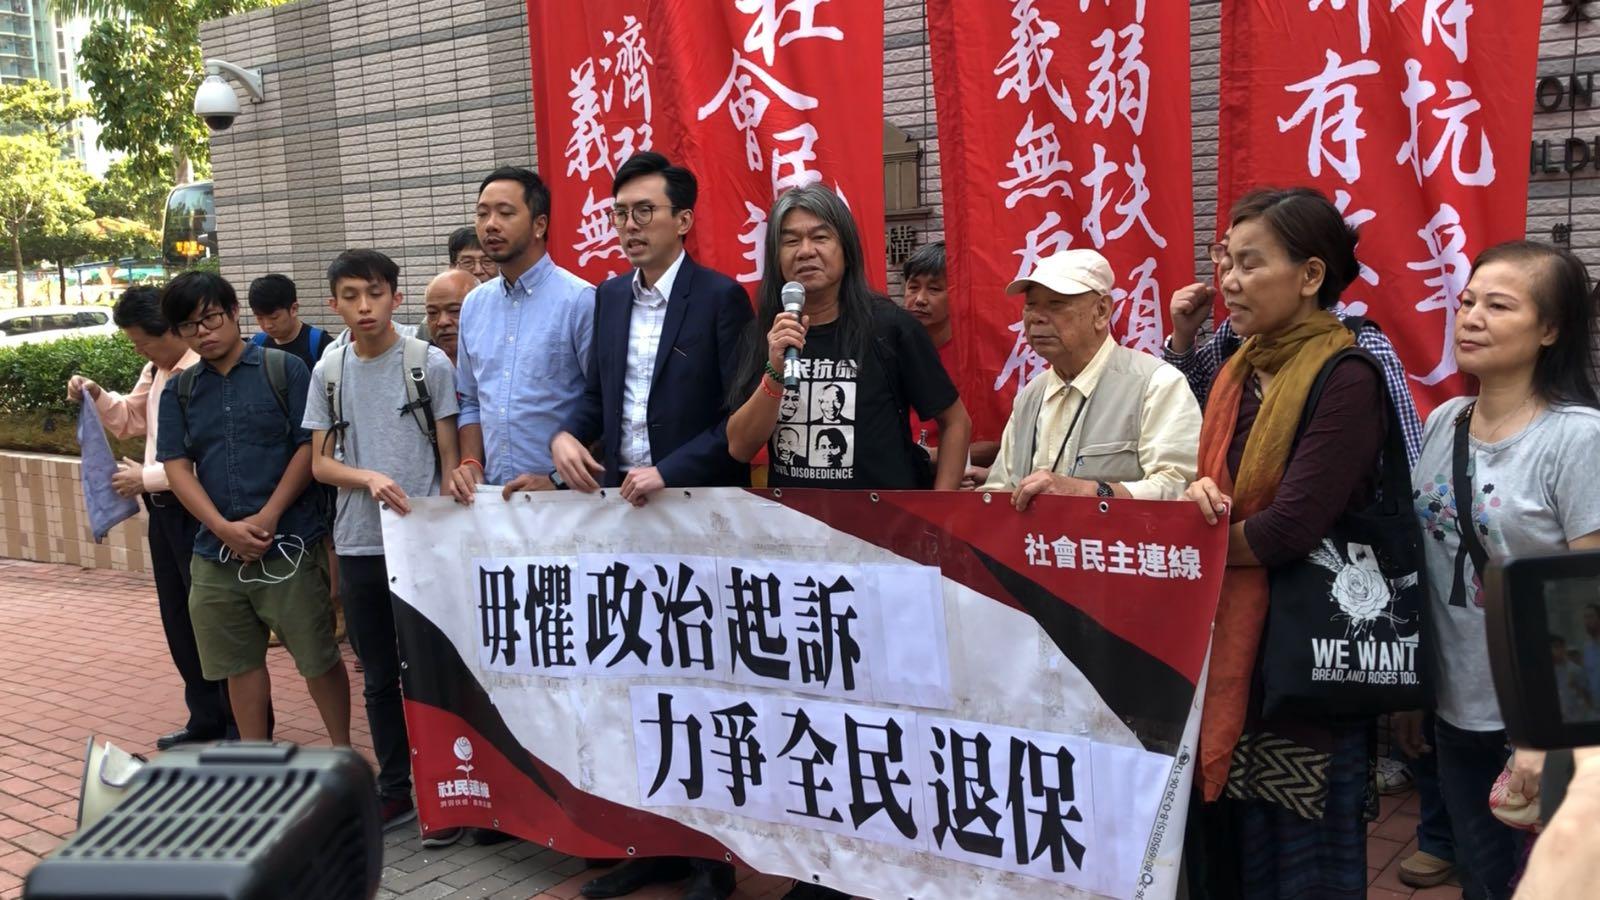 吳文遠(中)表示自己所投擲的只是「軟淋淋」的物件,如被判重刑是意味着法庭淪為政治打壓工具。邱嘉幸 攝